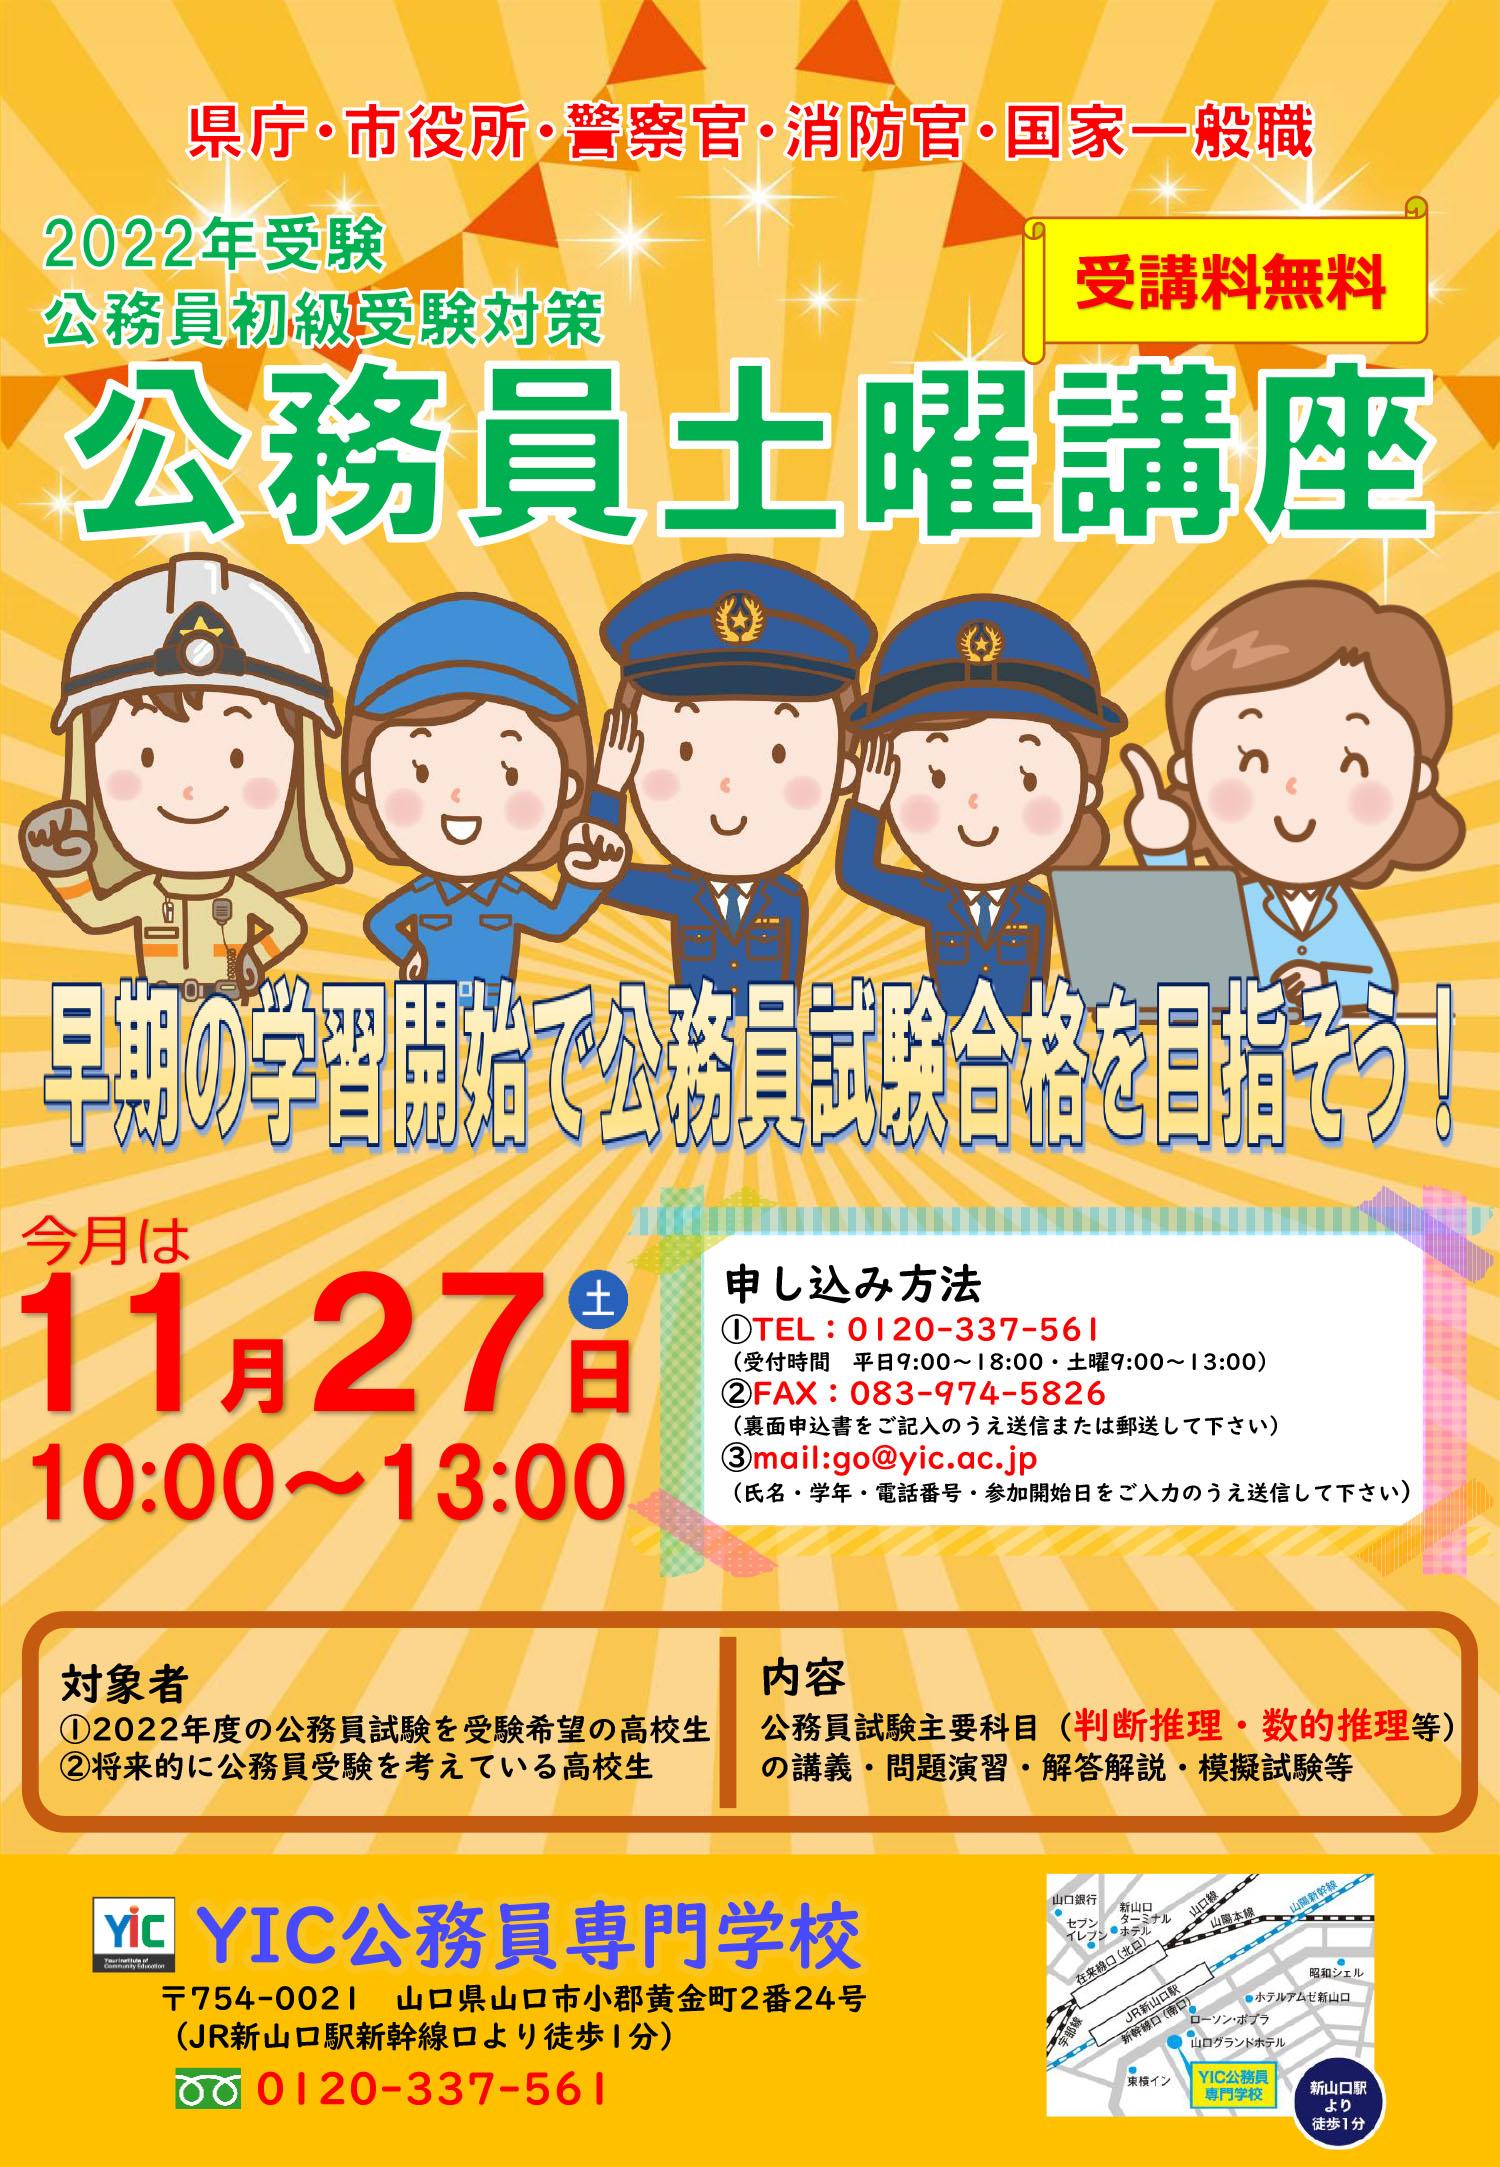 【2022年度受験】公務員土曜講座のご案内(2021.11月)